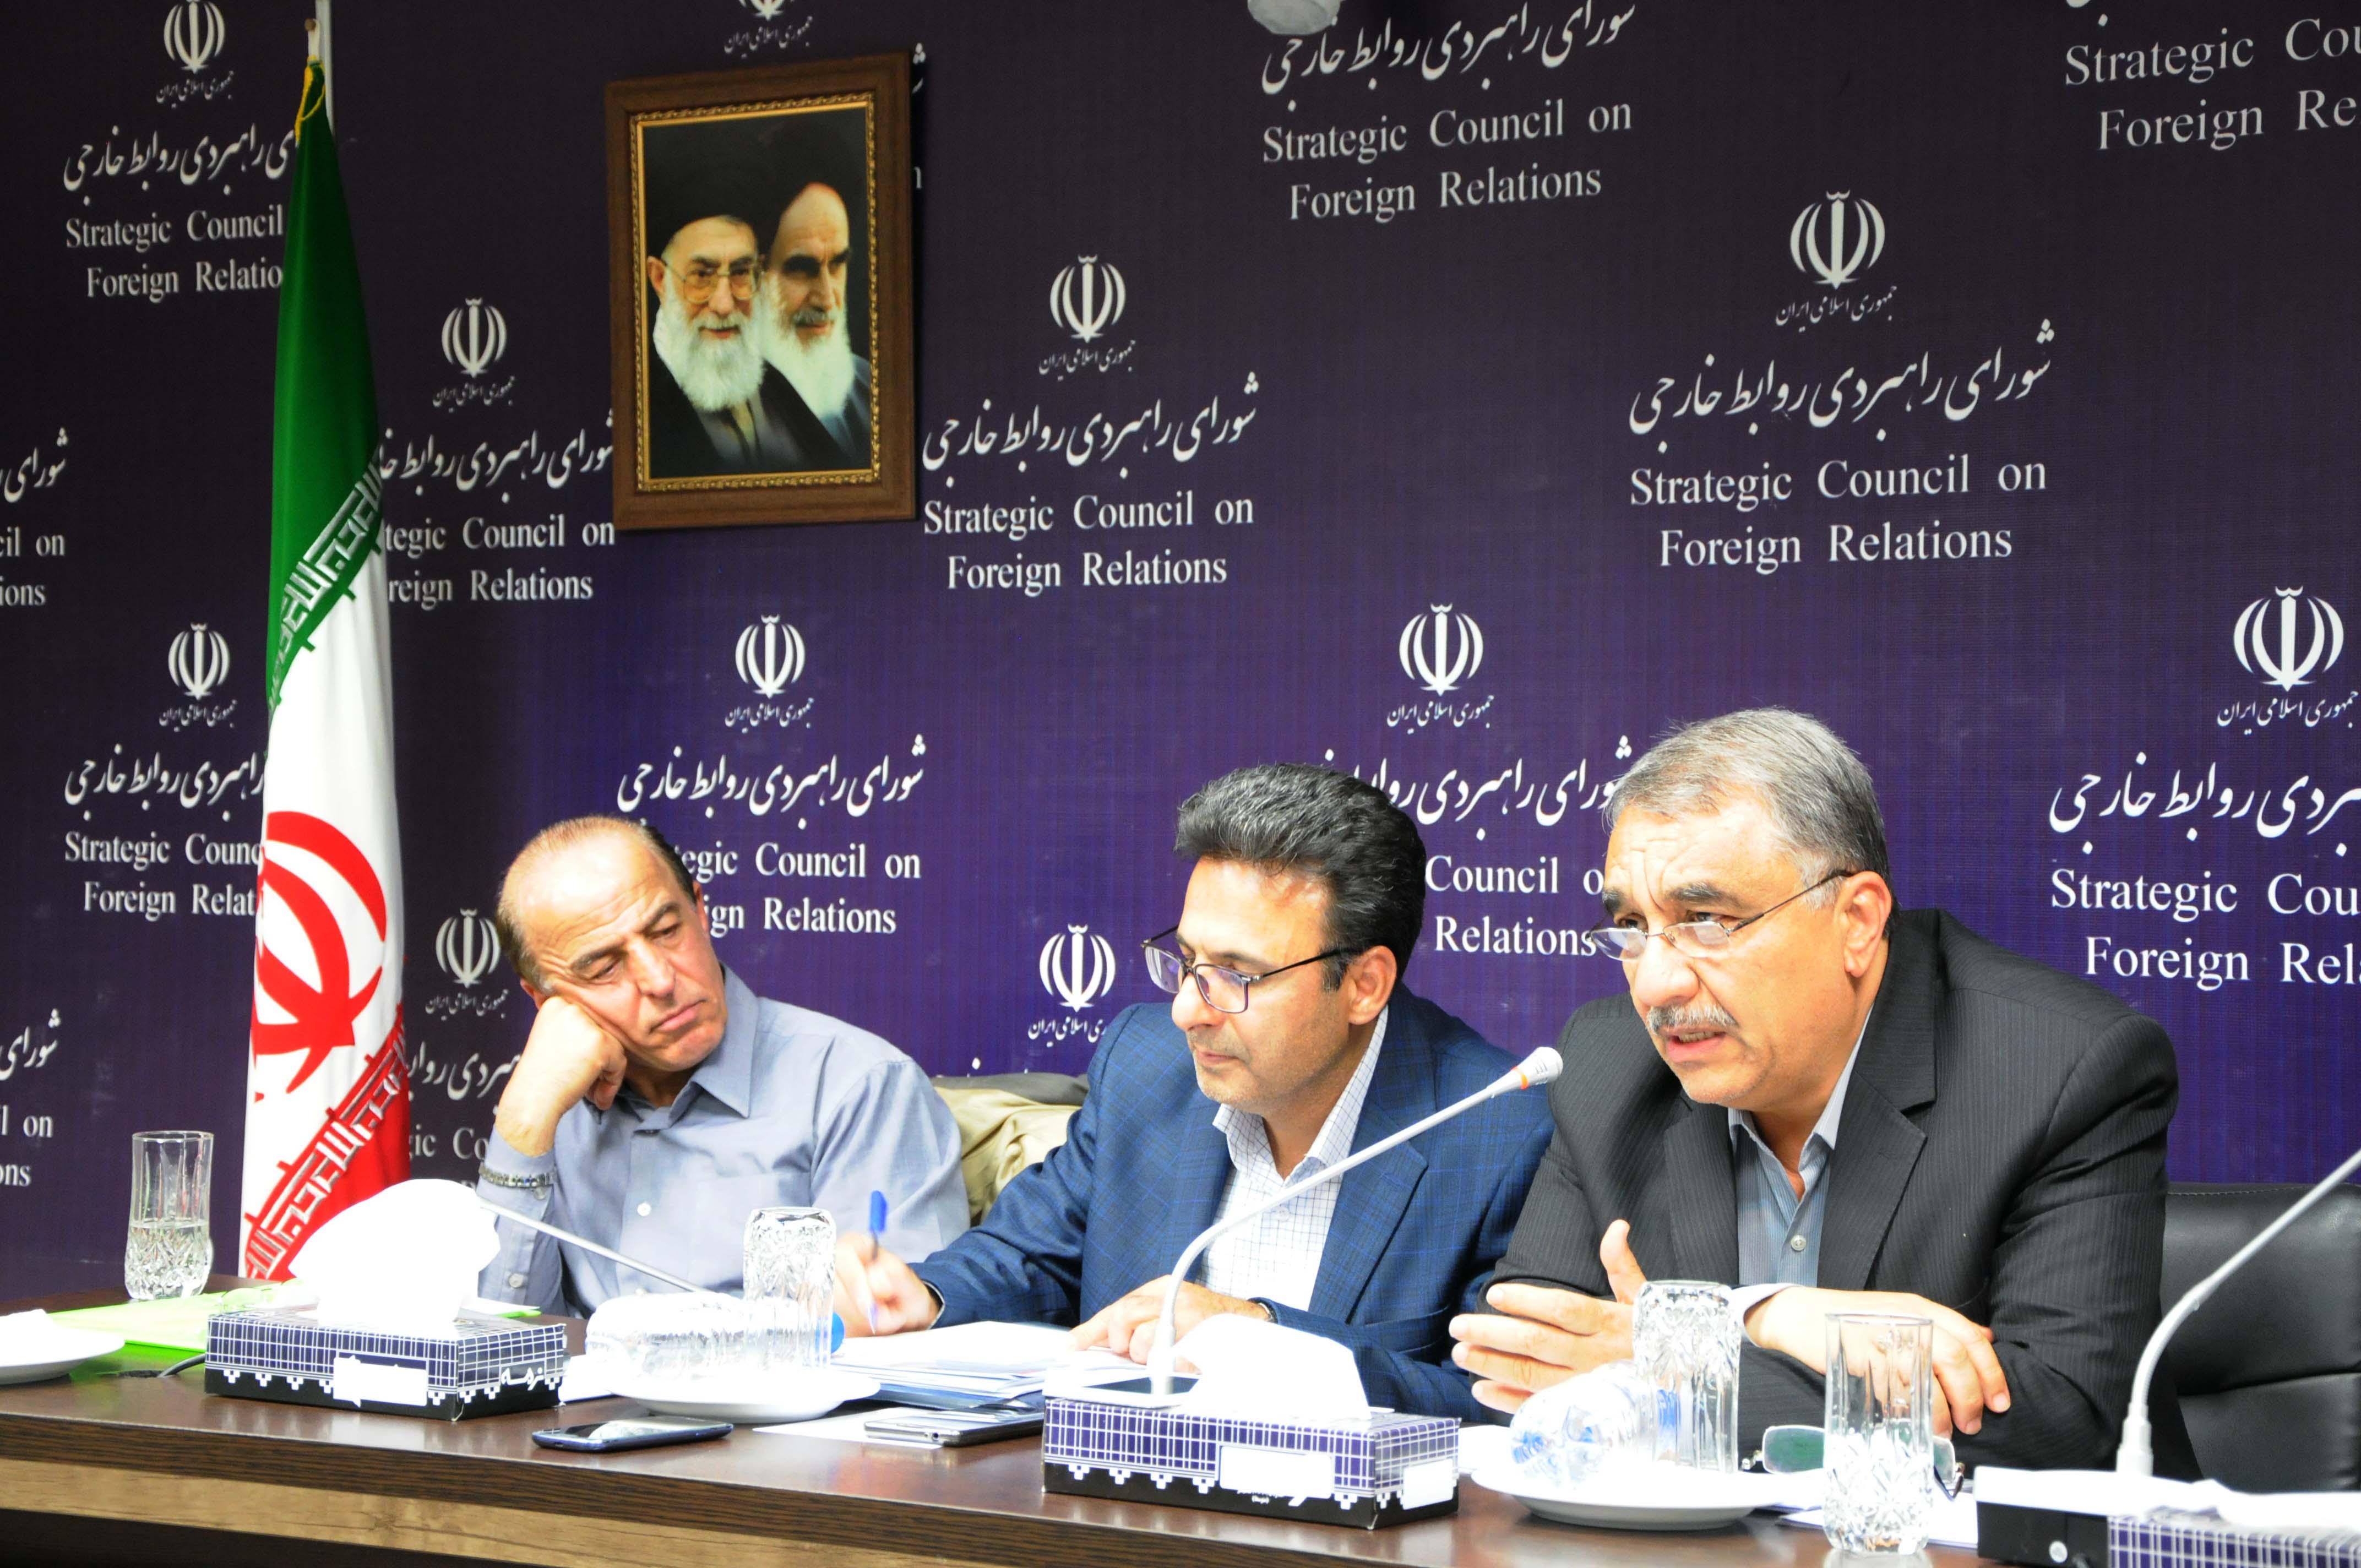 دکتر عبدالرضا فرجی راد، استاد ژئوپلیتیک